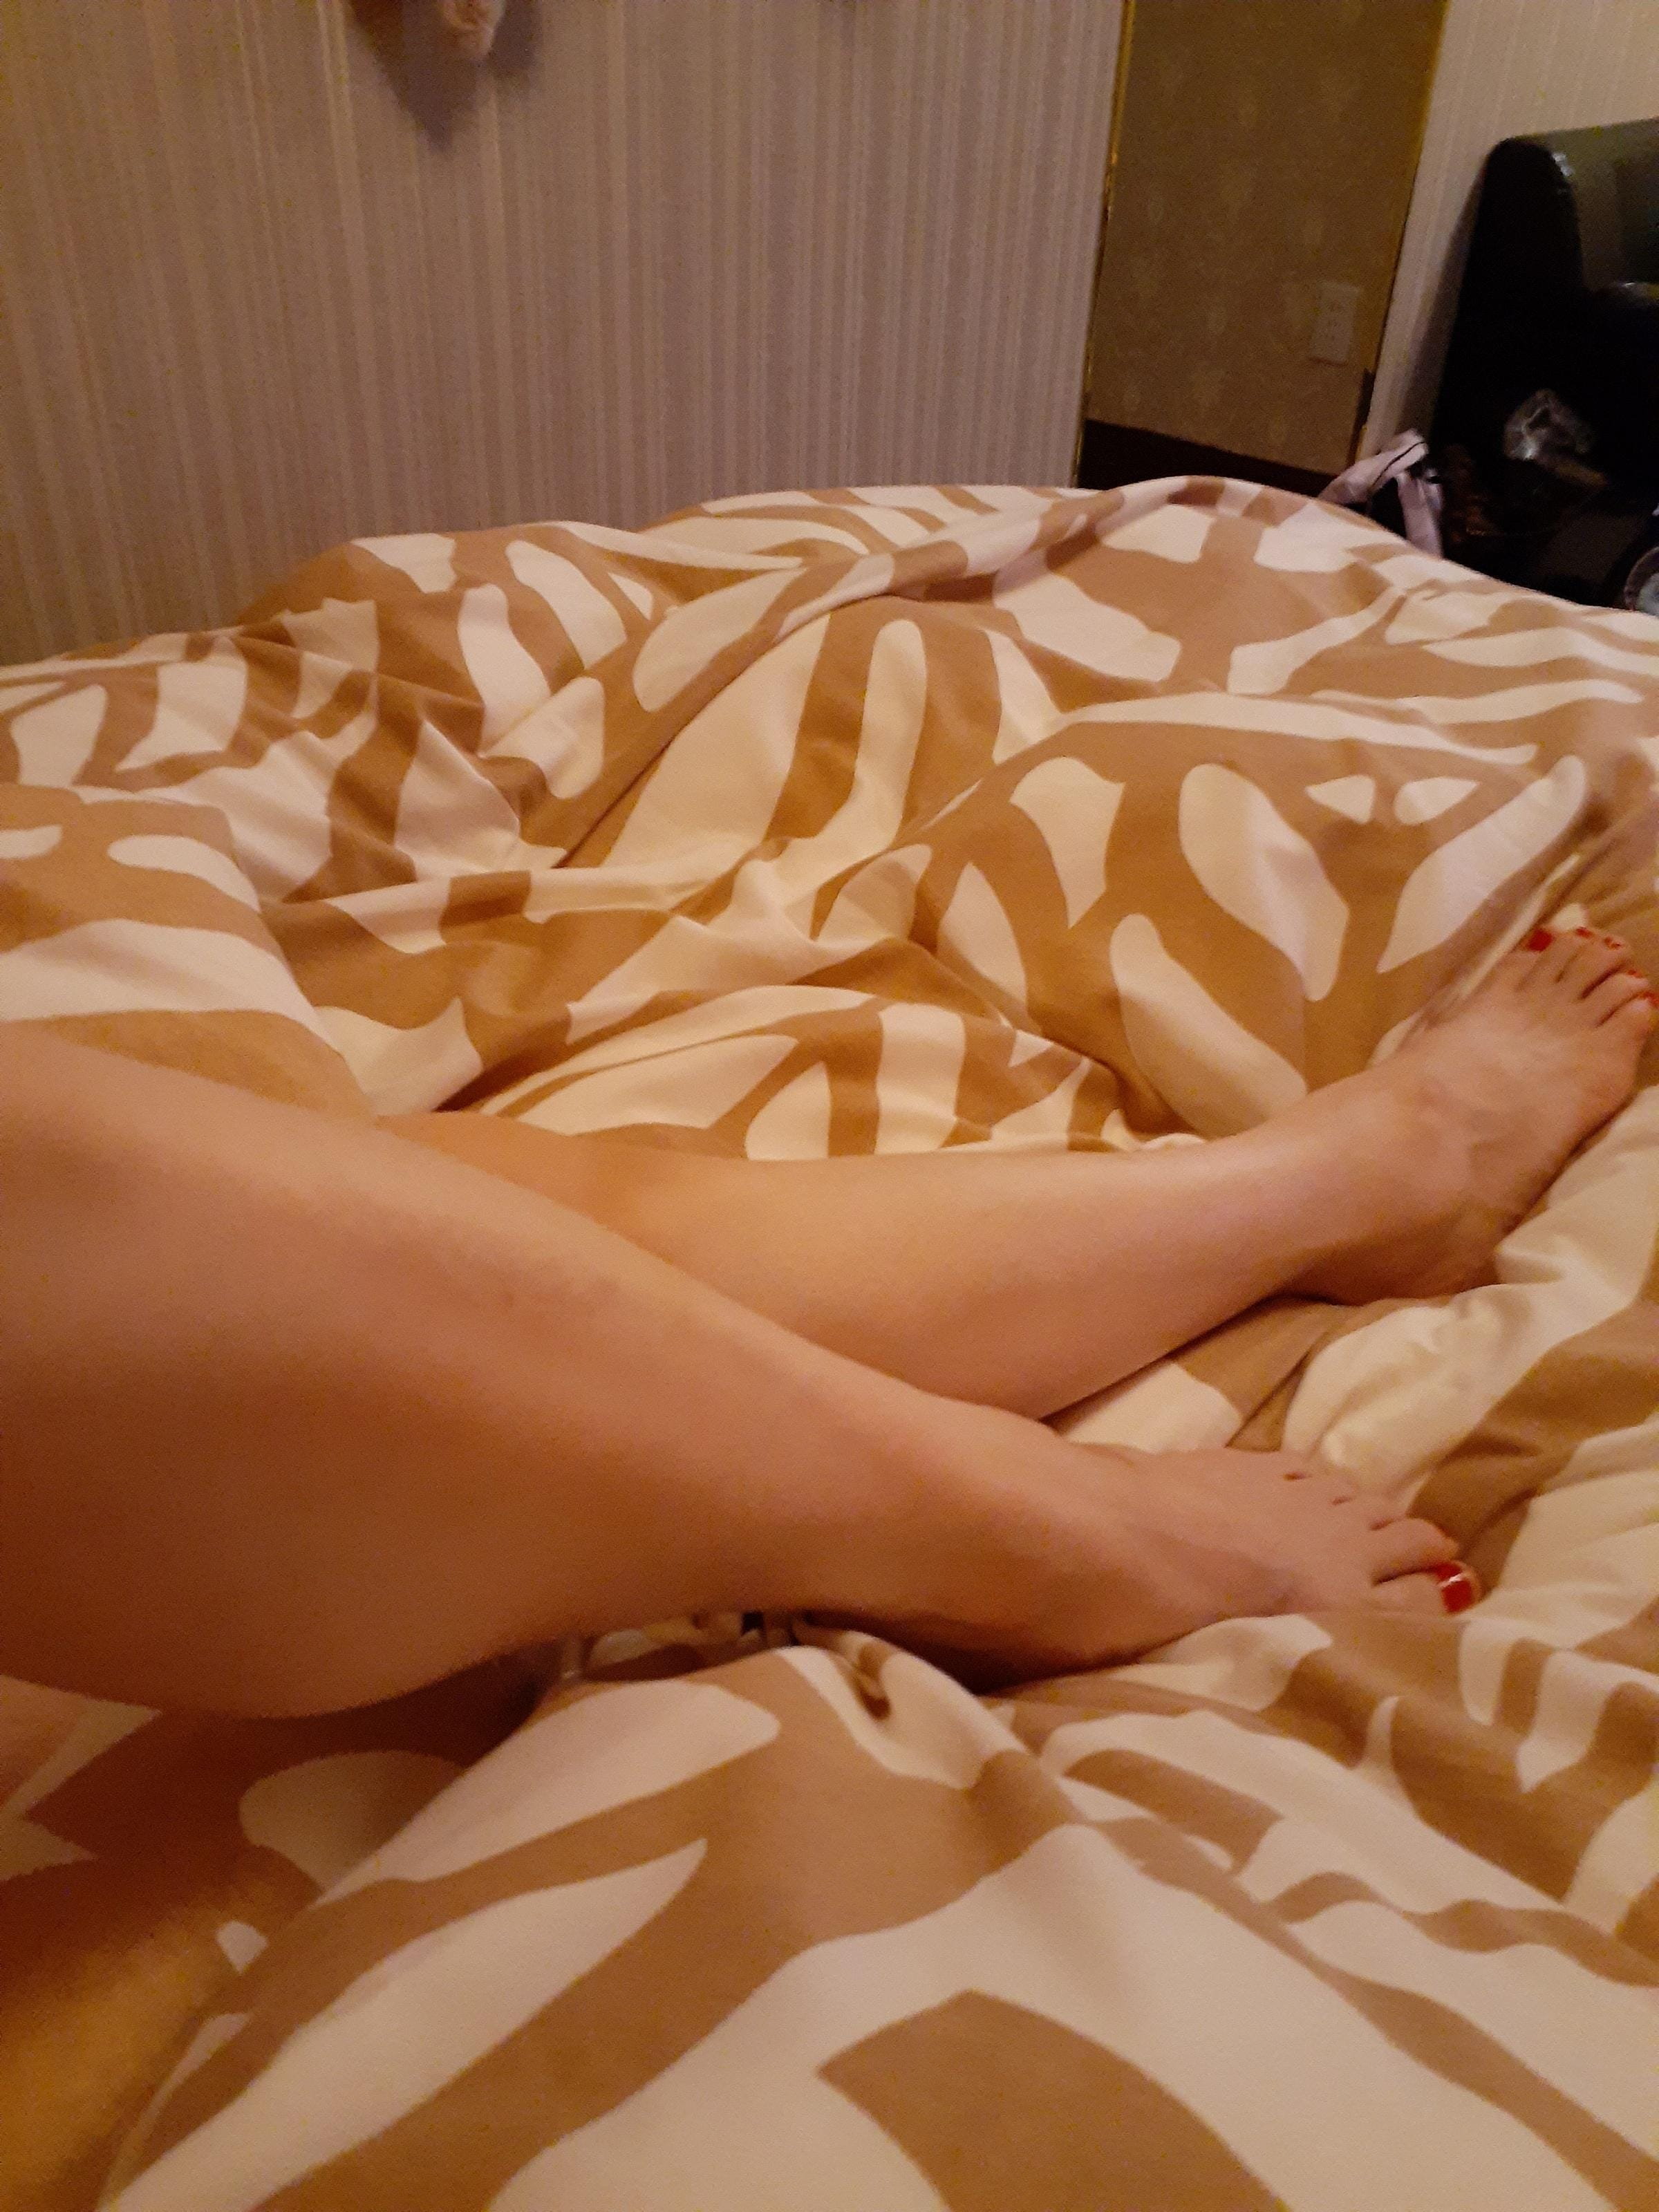 「おはようございます!!( ̄□ ̄;)!!」01/21(01/21) 09:21 | みはるの写メ・風俗動画